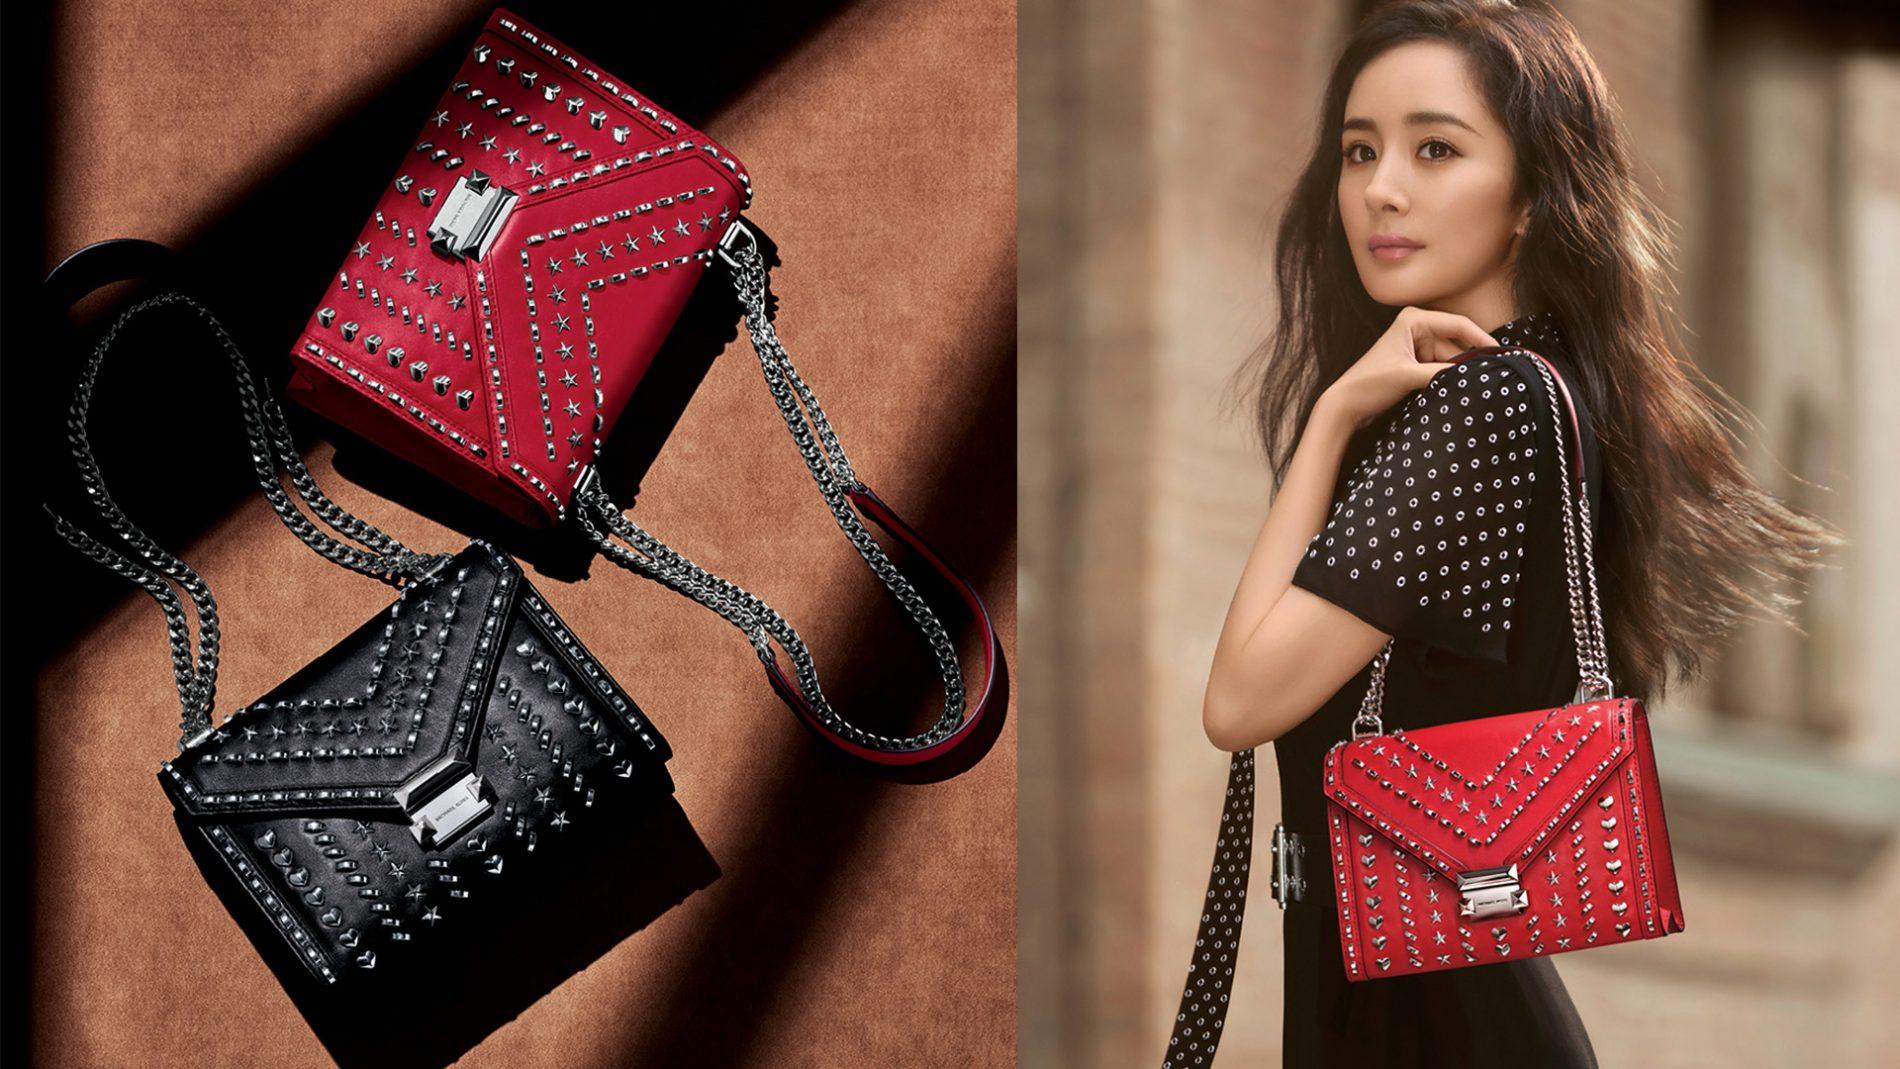 El Corte Inglés Golden Week Designer Handbags Michael Kors